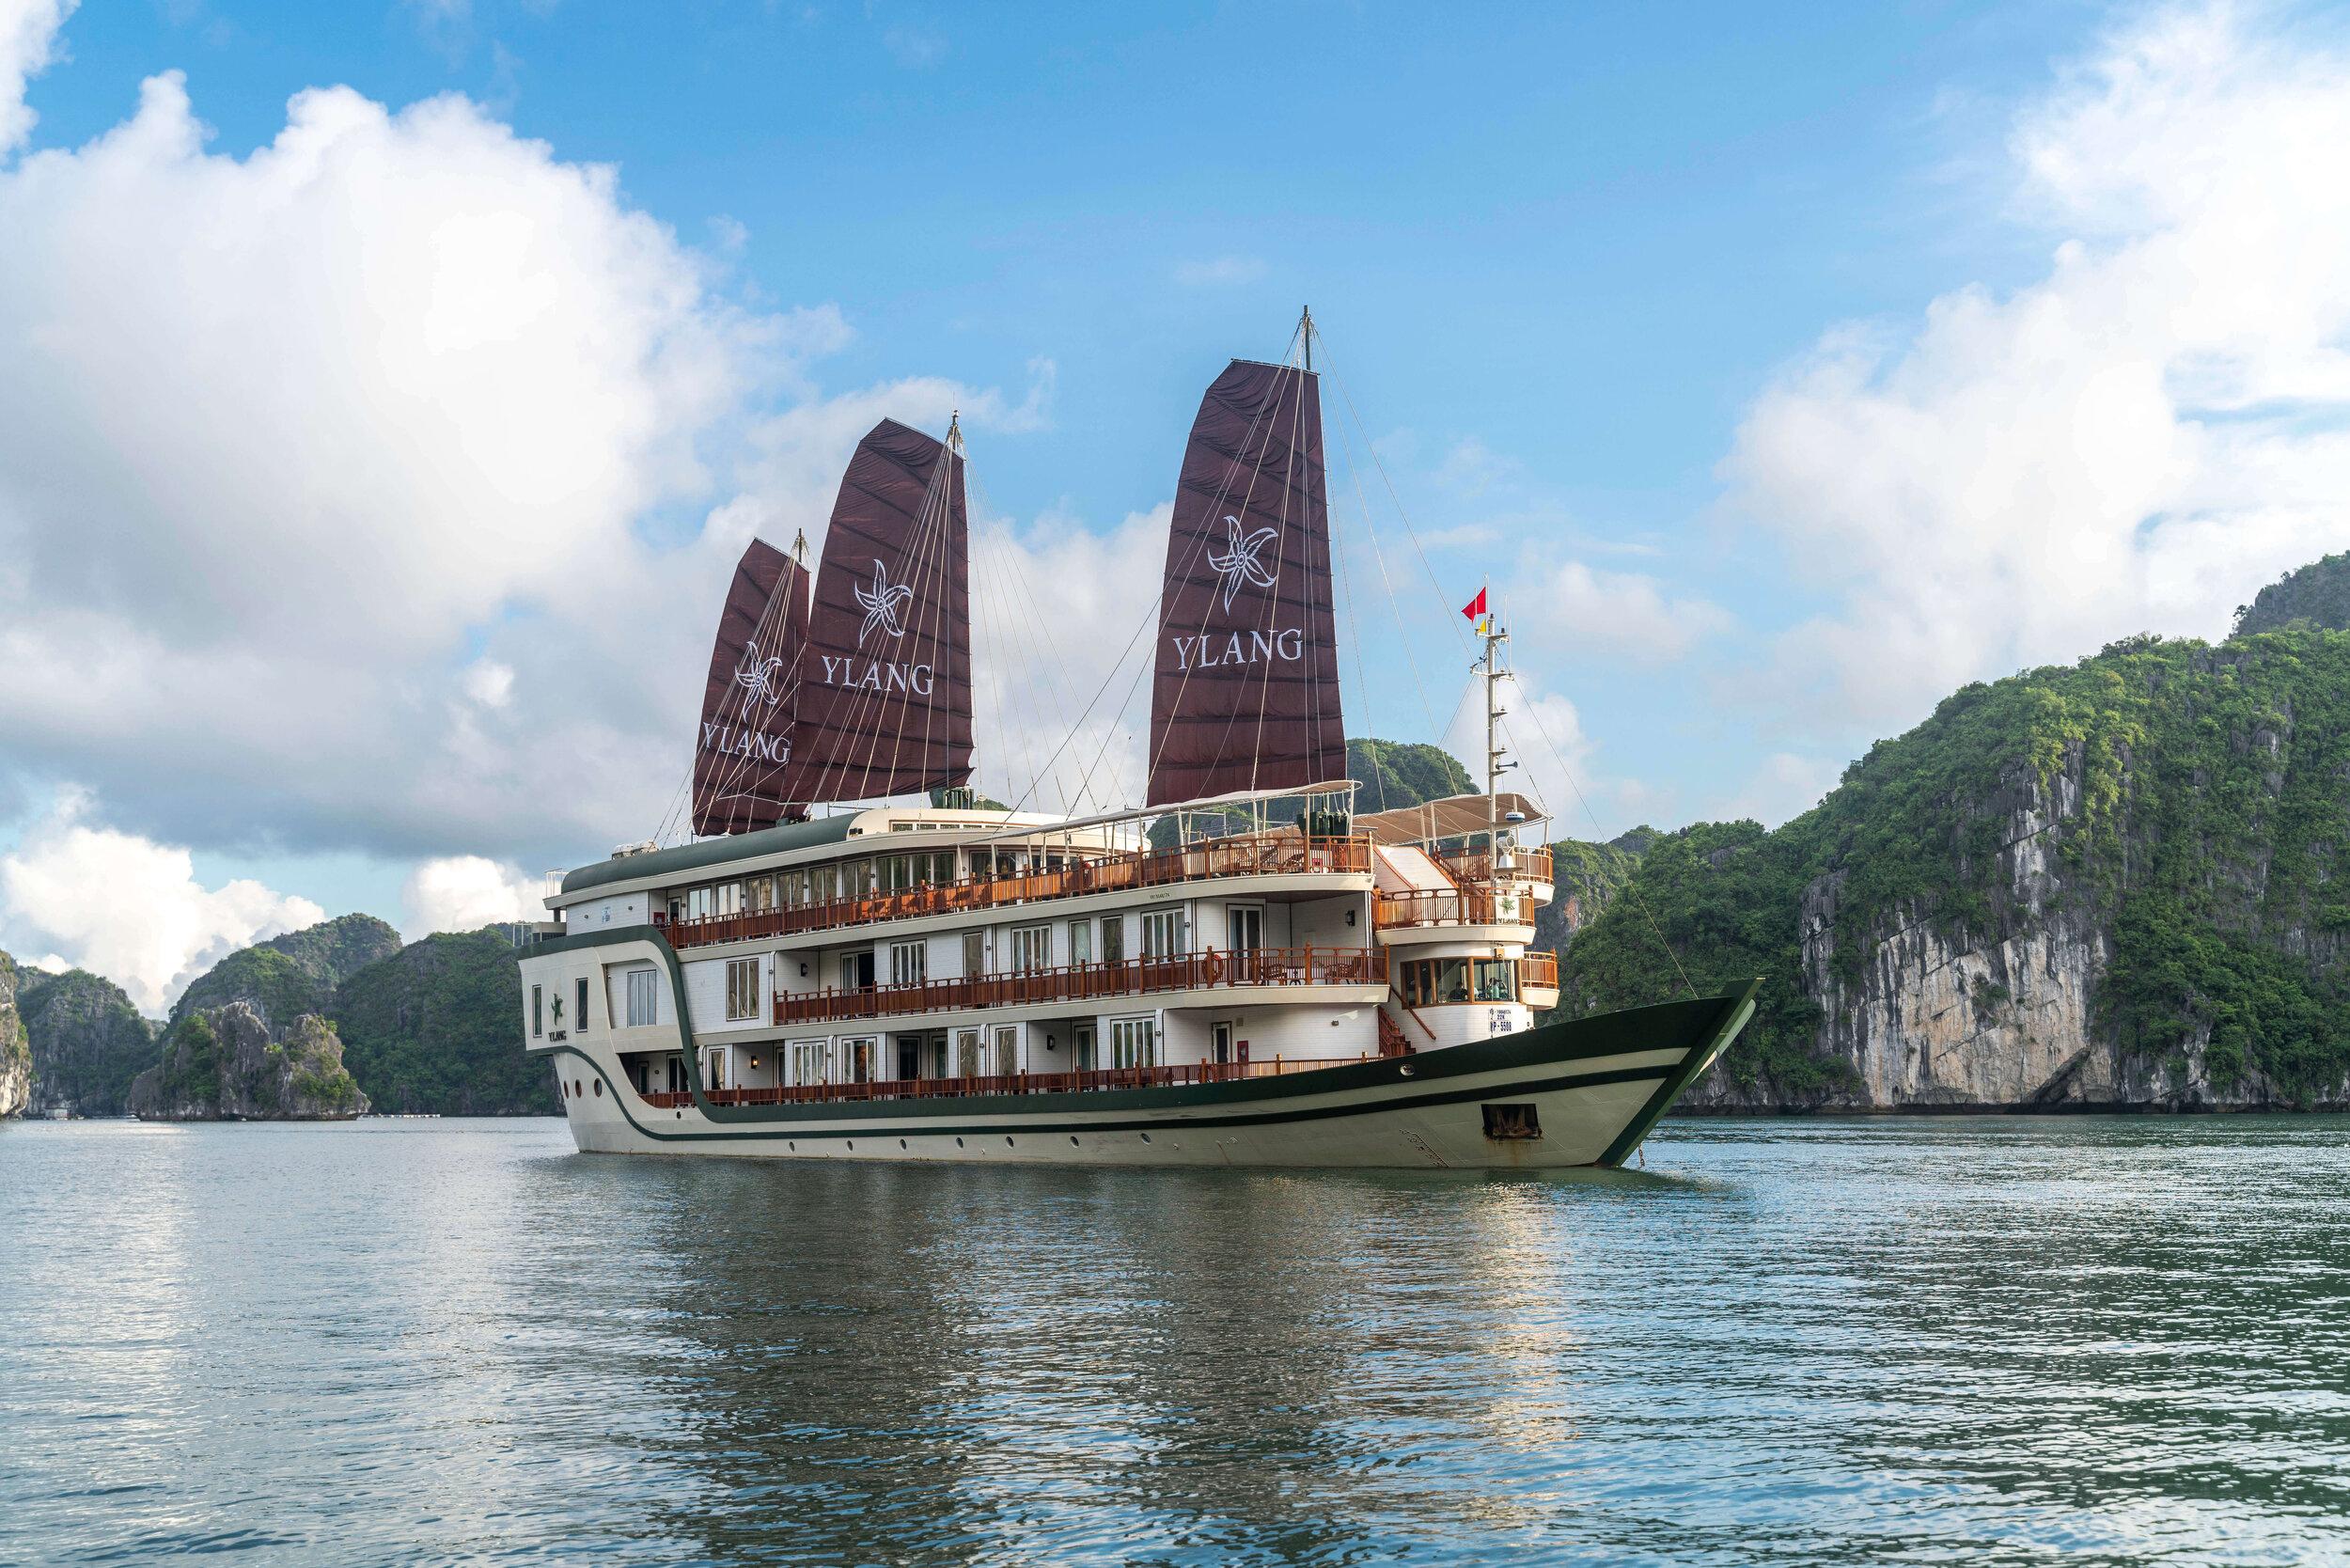 Heritage Line - Lan Ha Bay - Ylang - ship.jpg